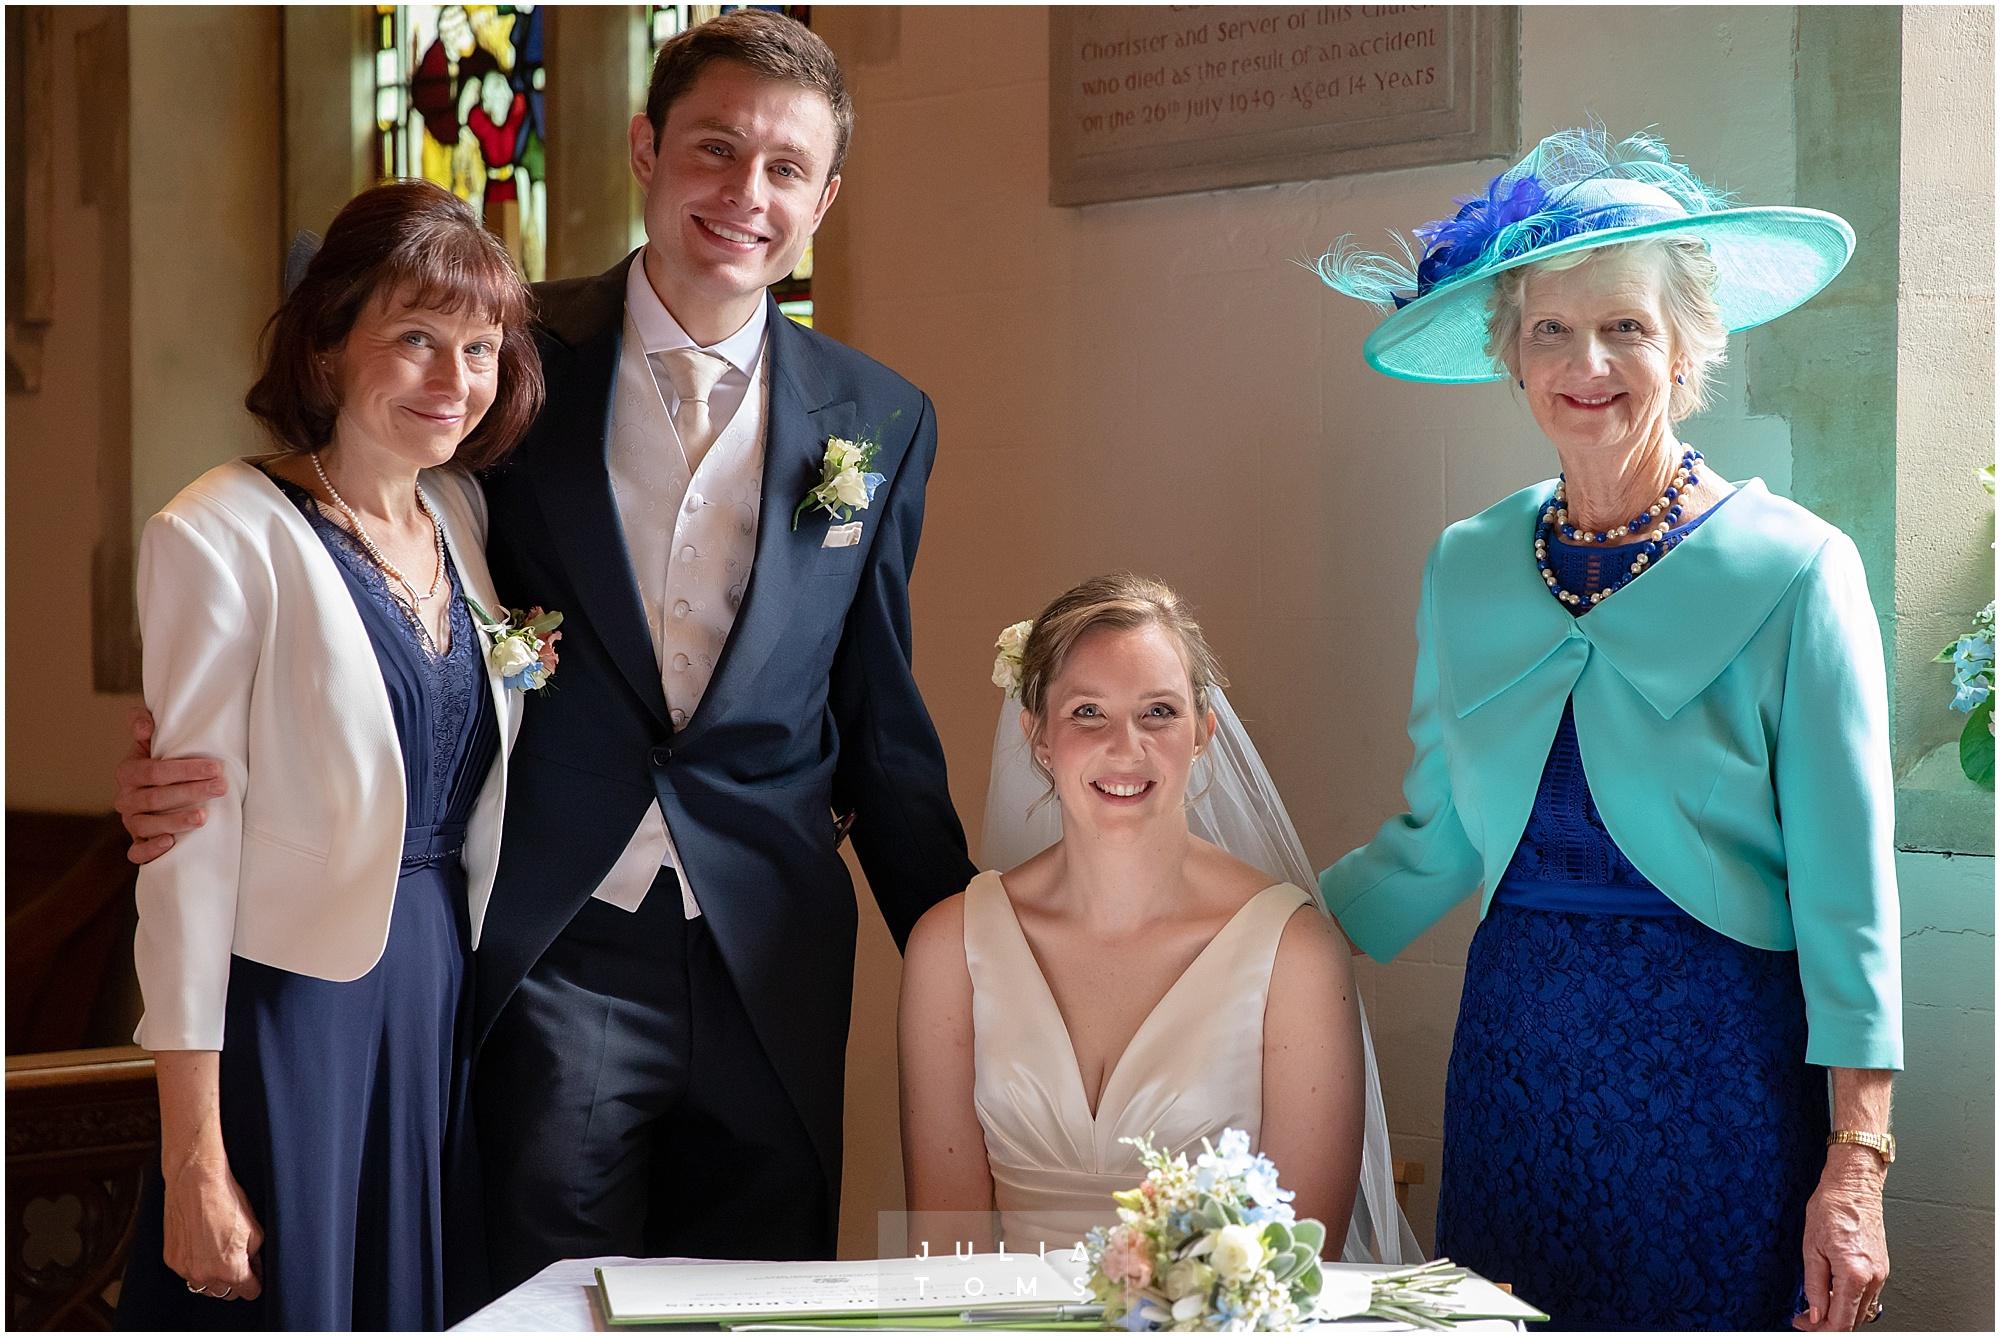 westsussex_wedding_photographer_westdean_059.jpg